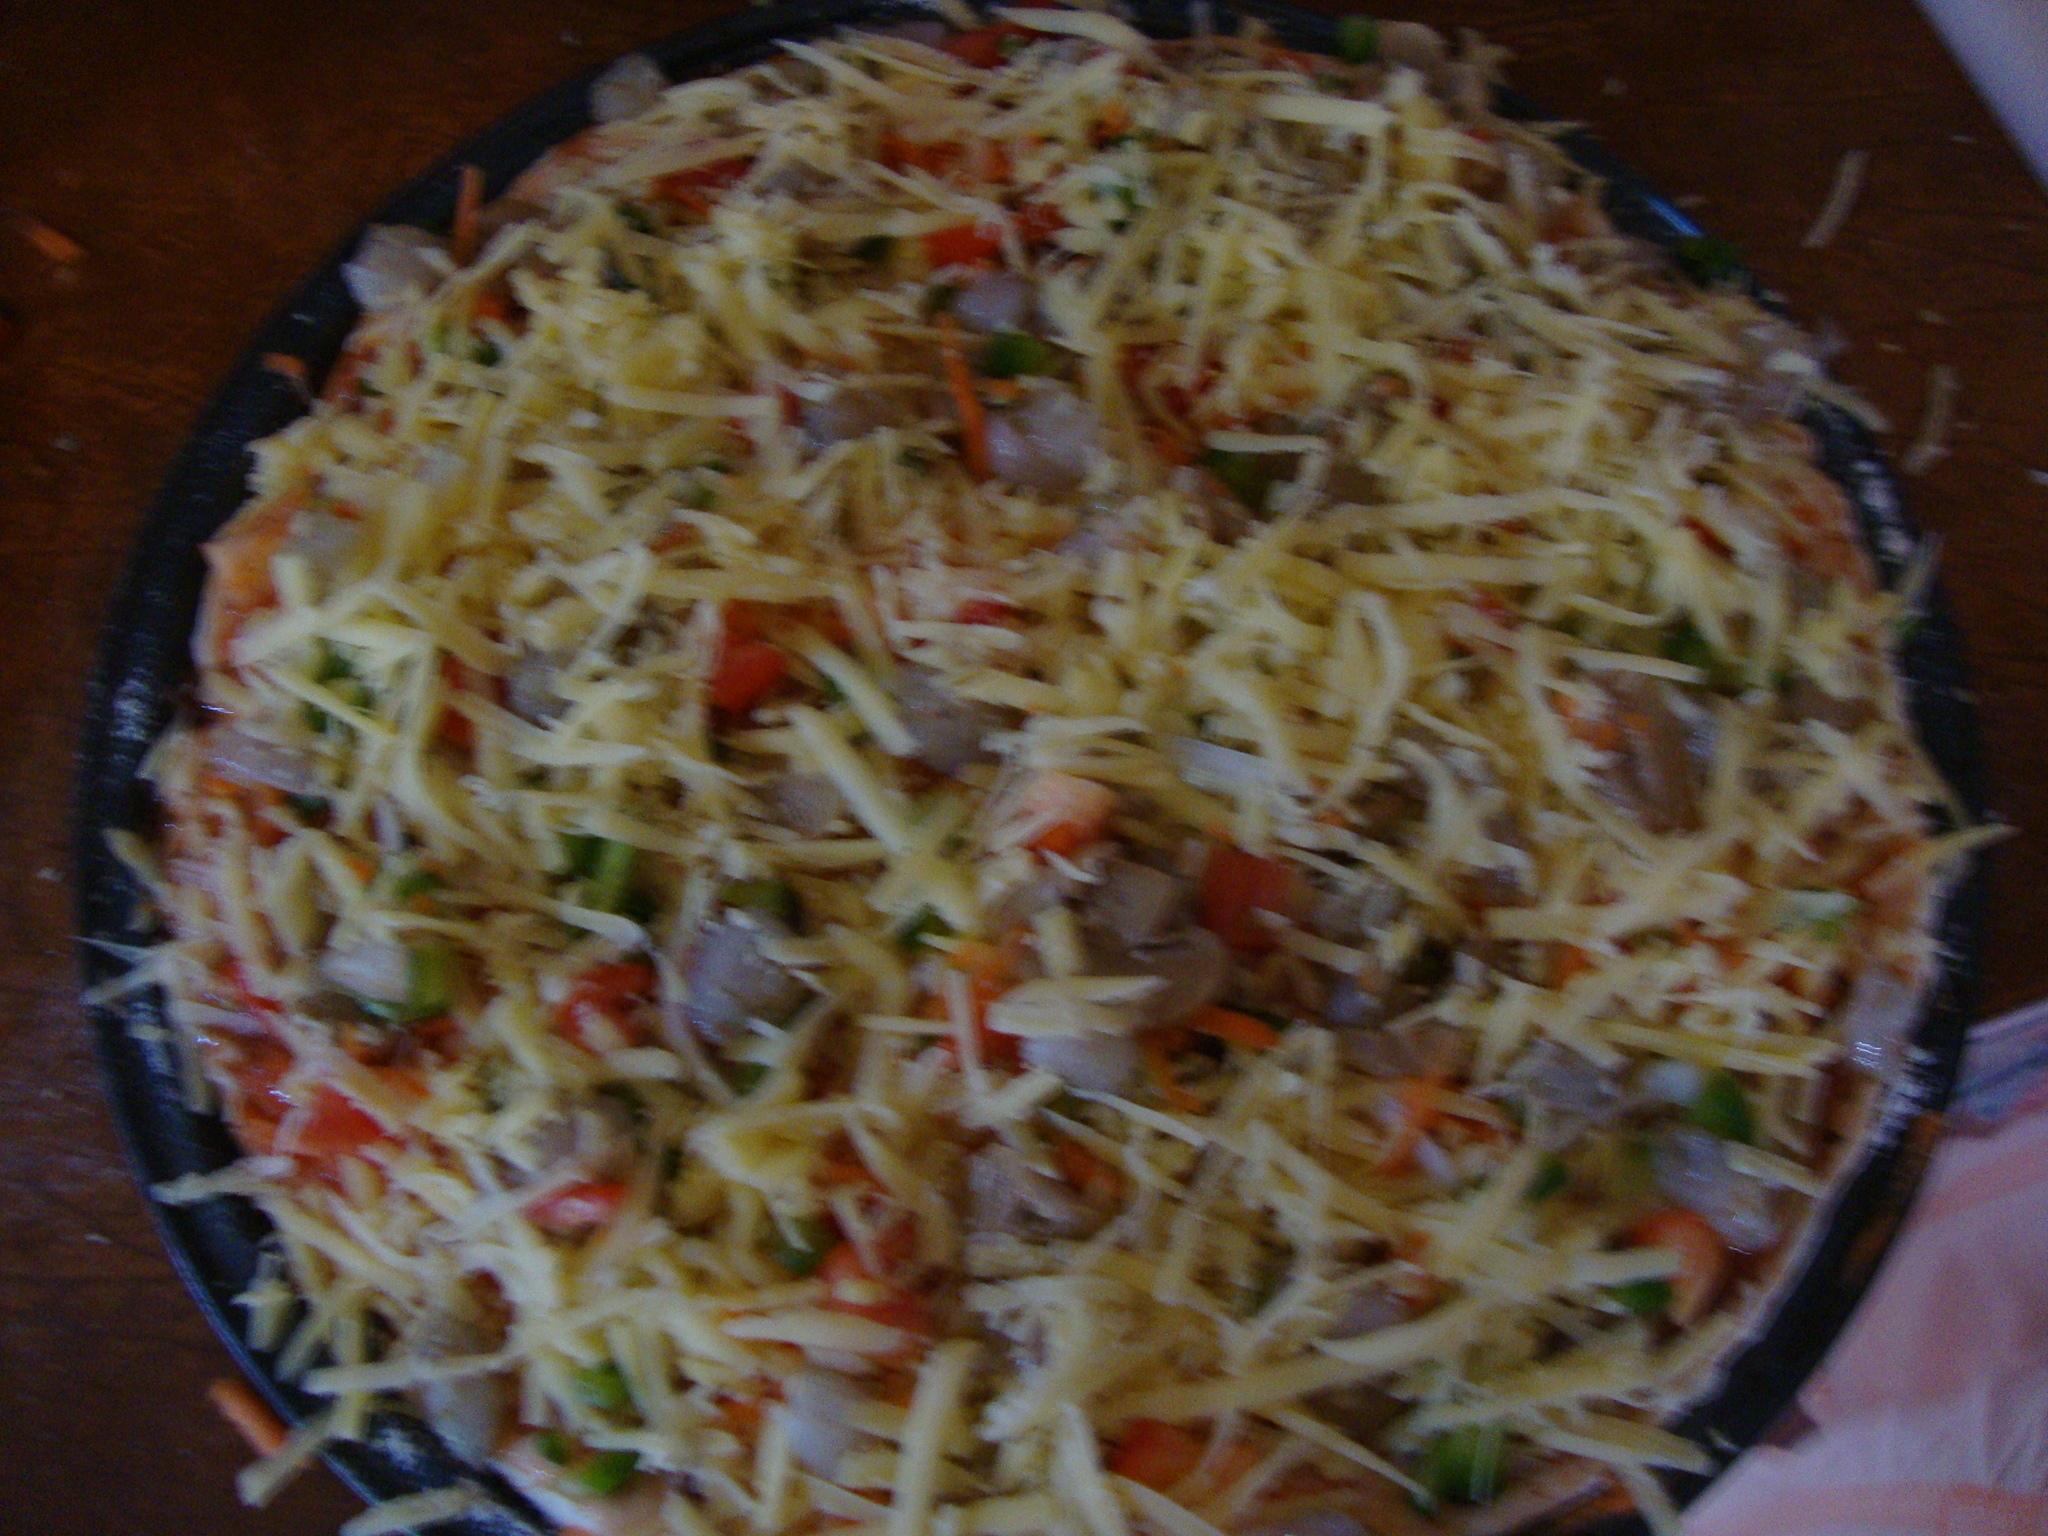 I made pizza!!